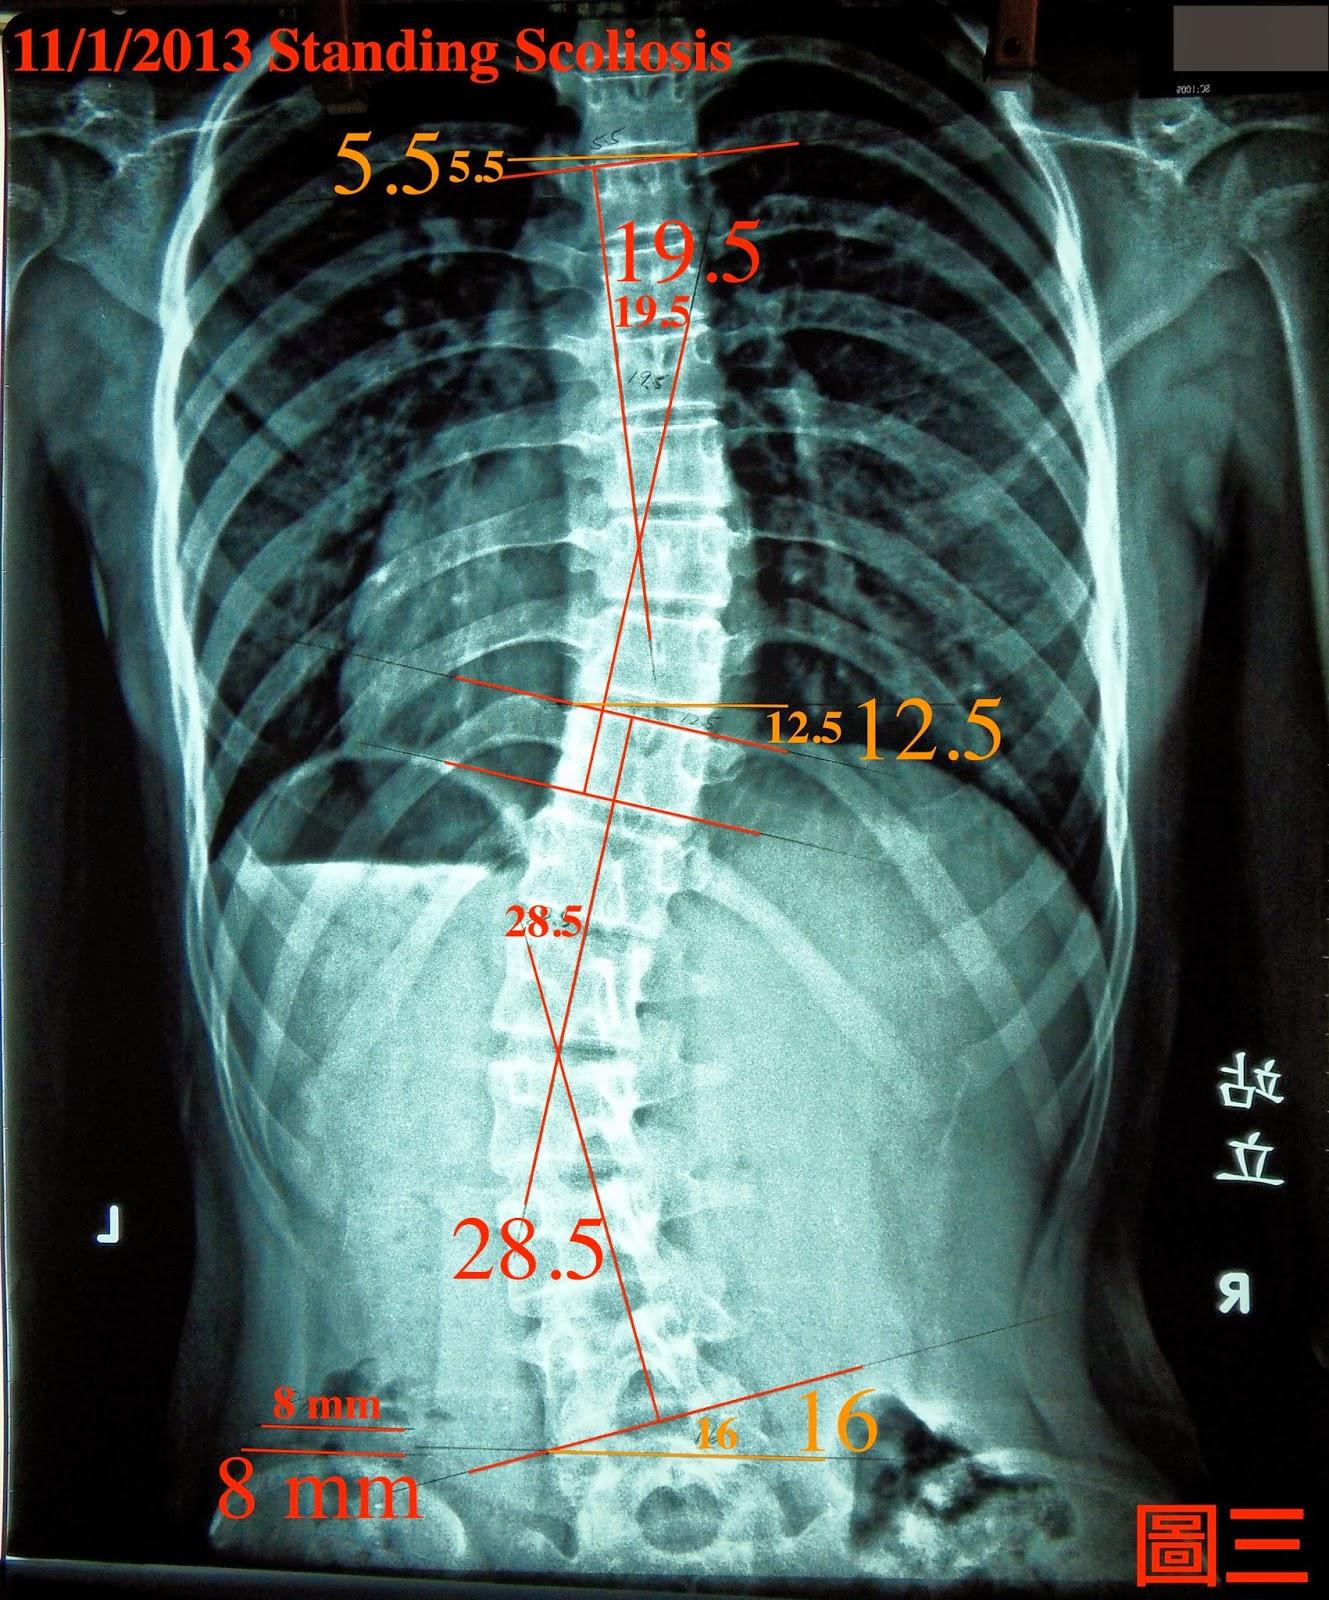 脊椎側彎, 脊椎側彎矯正, 脊椎側彎治療, 脊椎側彎矯正成功案例, schroth運動, schroth脊椎側彎, 德國Schroth, 脊椎側彎 推薦, 脊椎側彎 台中